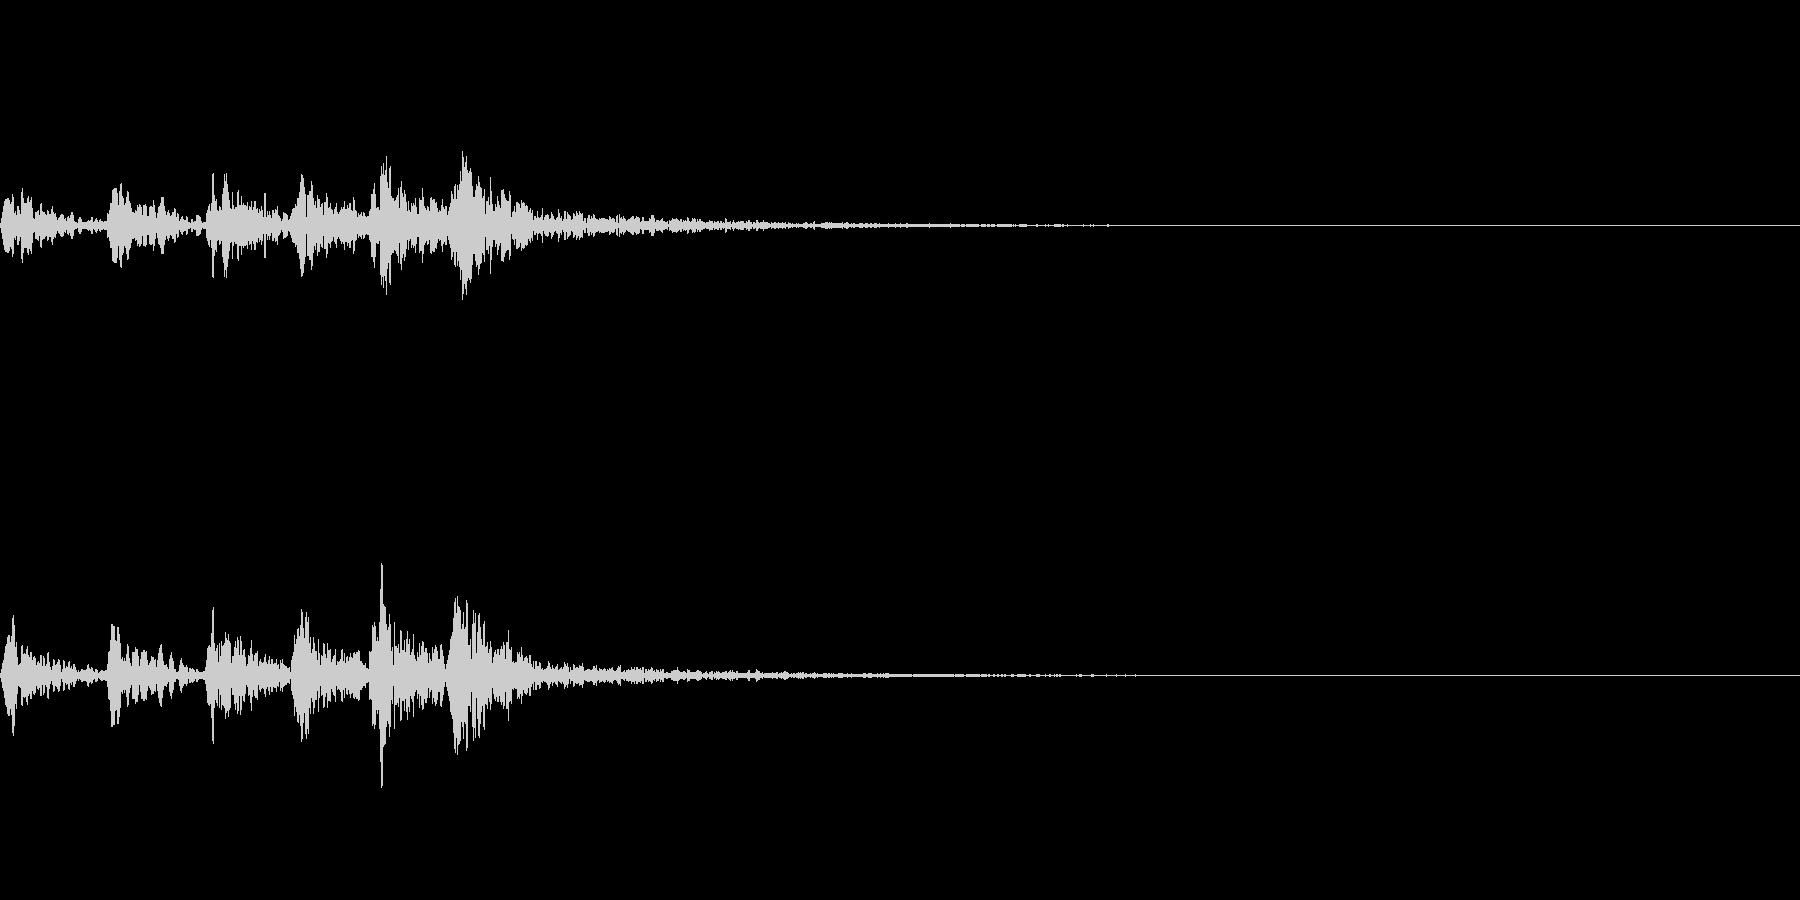 ホトトギスの鳴き声 06の未再生の波形